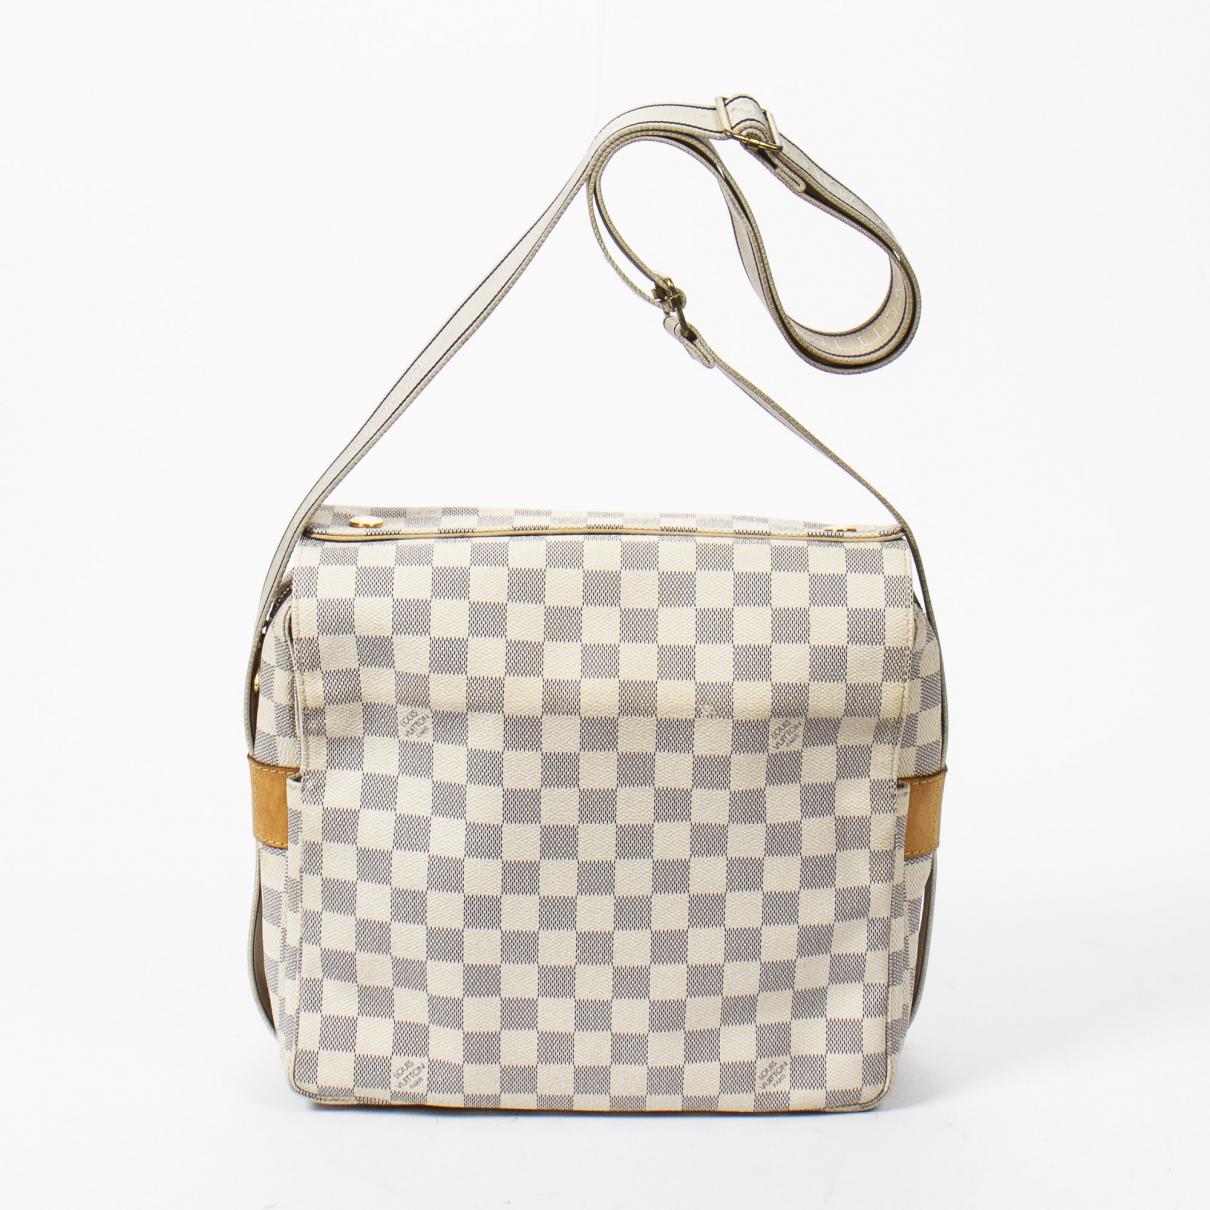 Louis Vuitton Naviglio Beige Leather handbag for Women \N